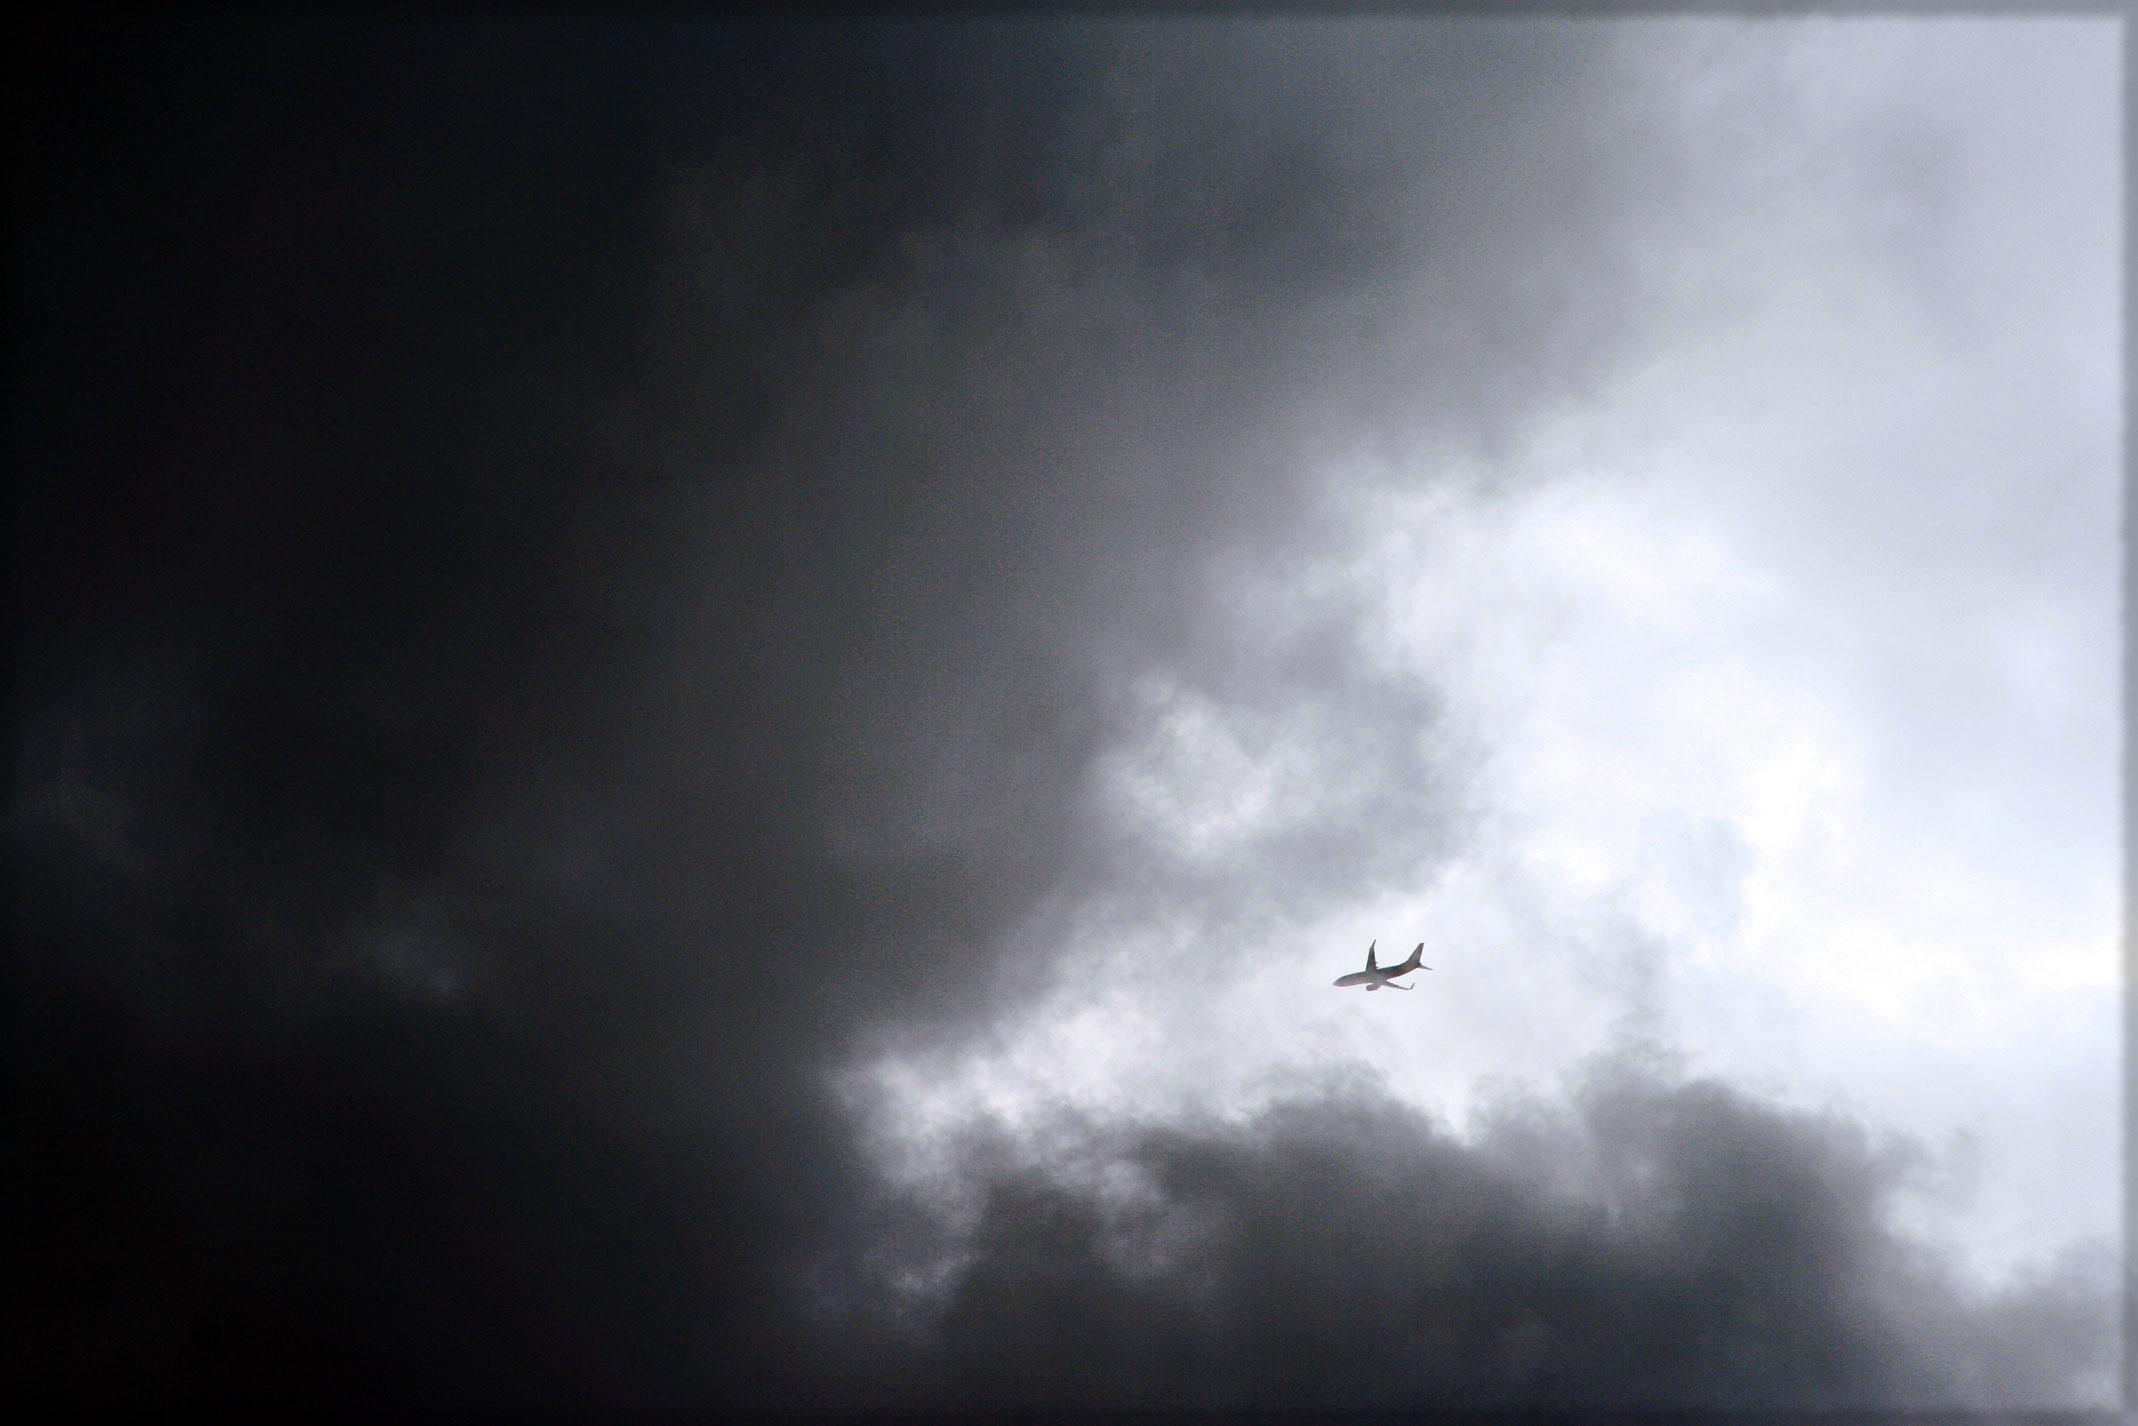 當亂流發生時-《機艙機密》